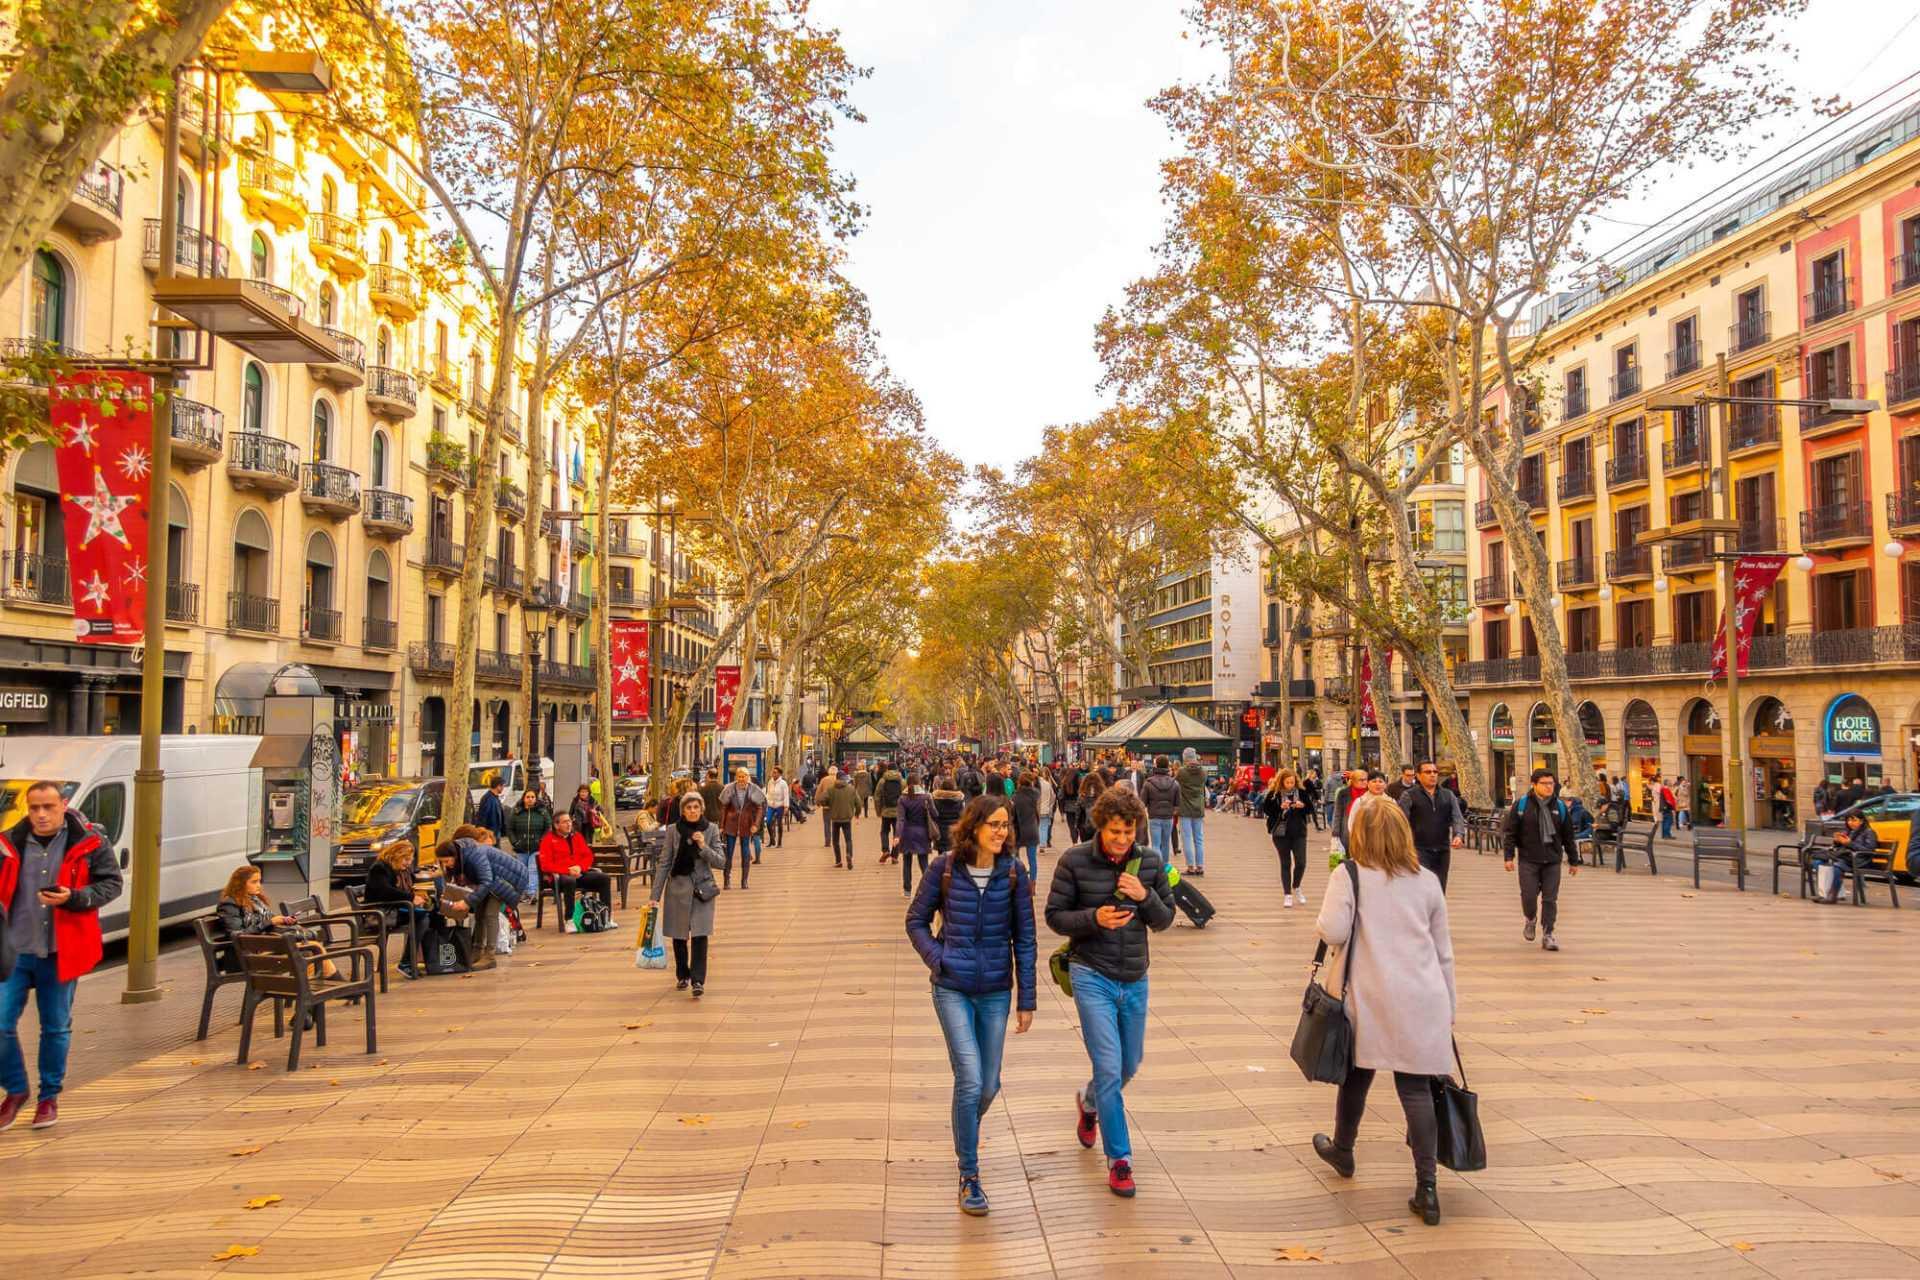 אטרקציות בברצלונה ב-2021 - מחירים, כרטיסים, הנחות והמלצות חשובות